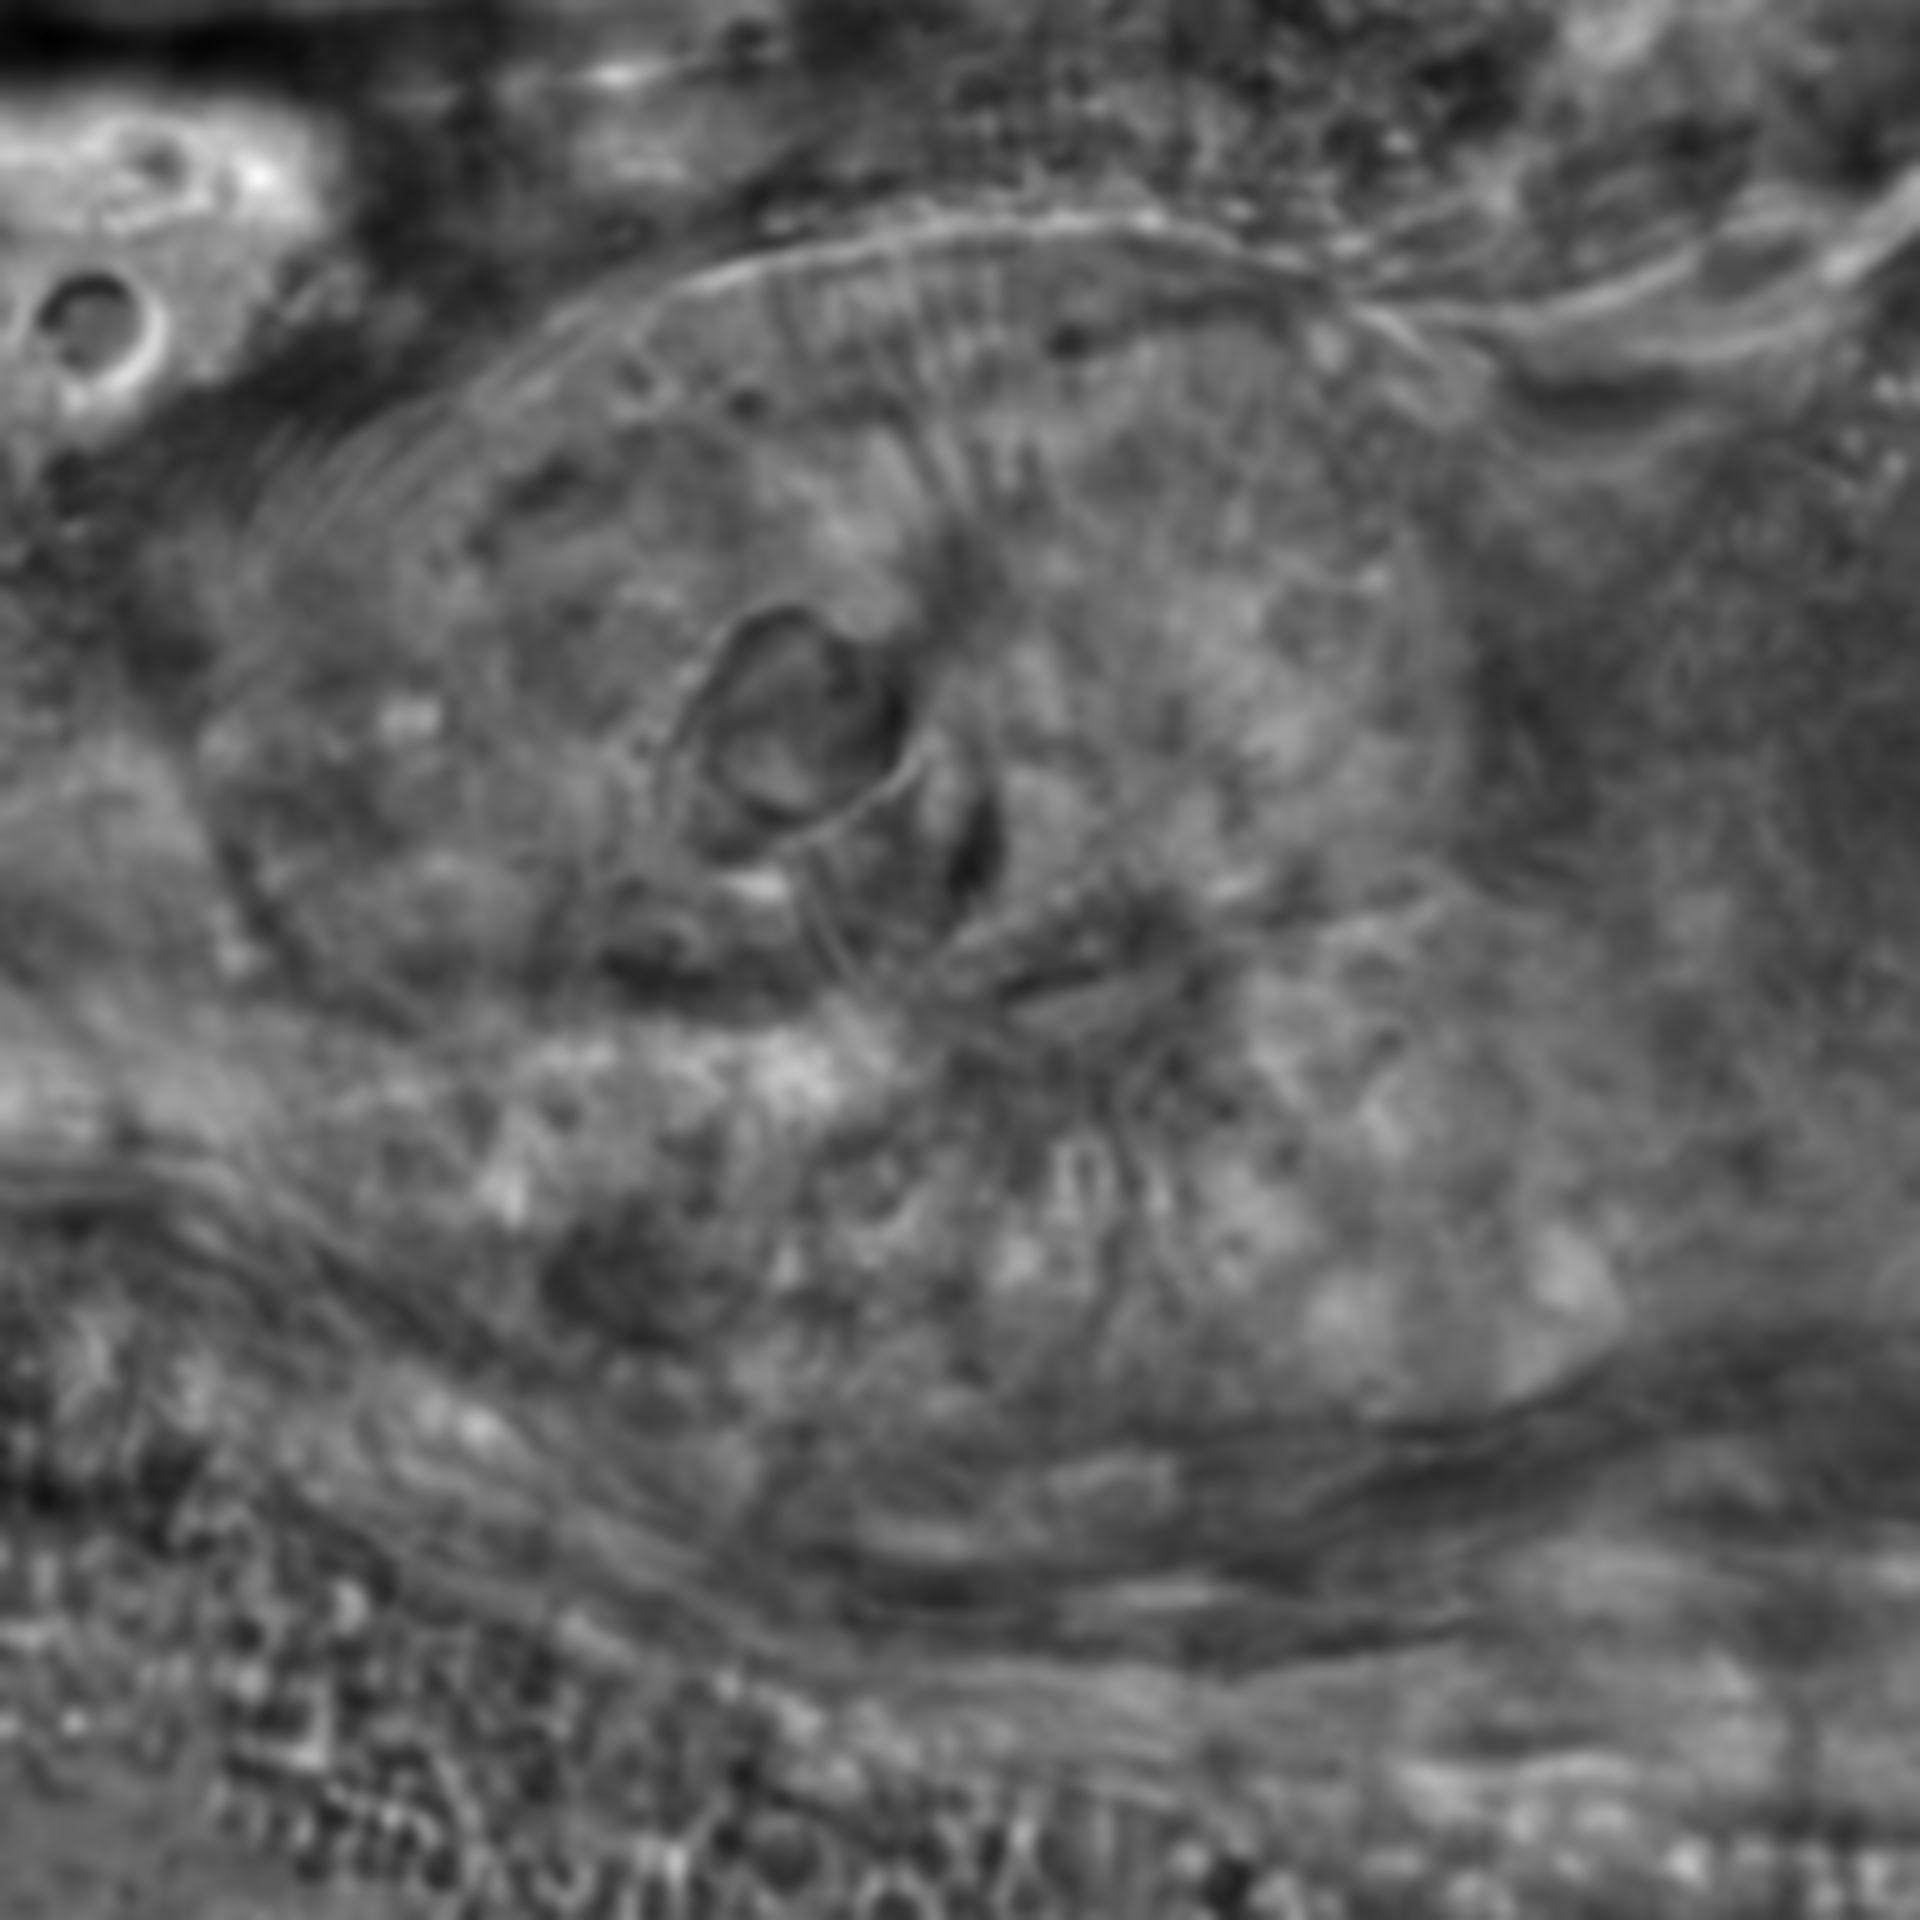 Caenorhabditis elegans - CIL:1936